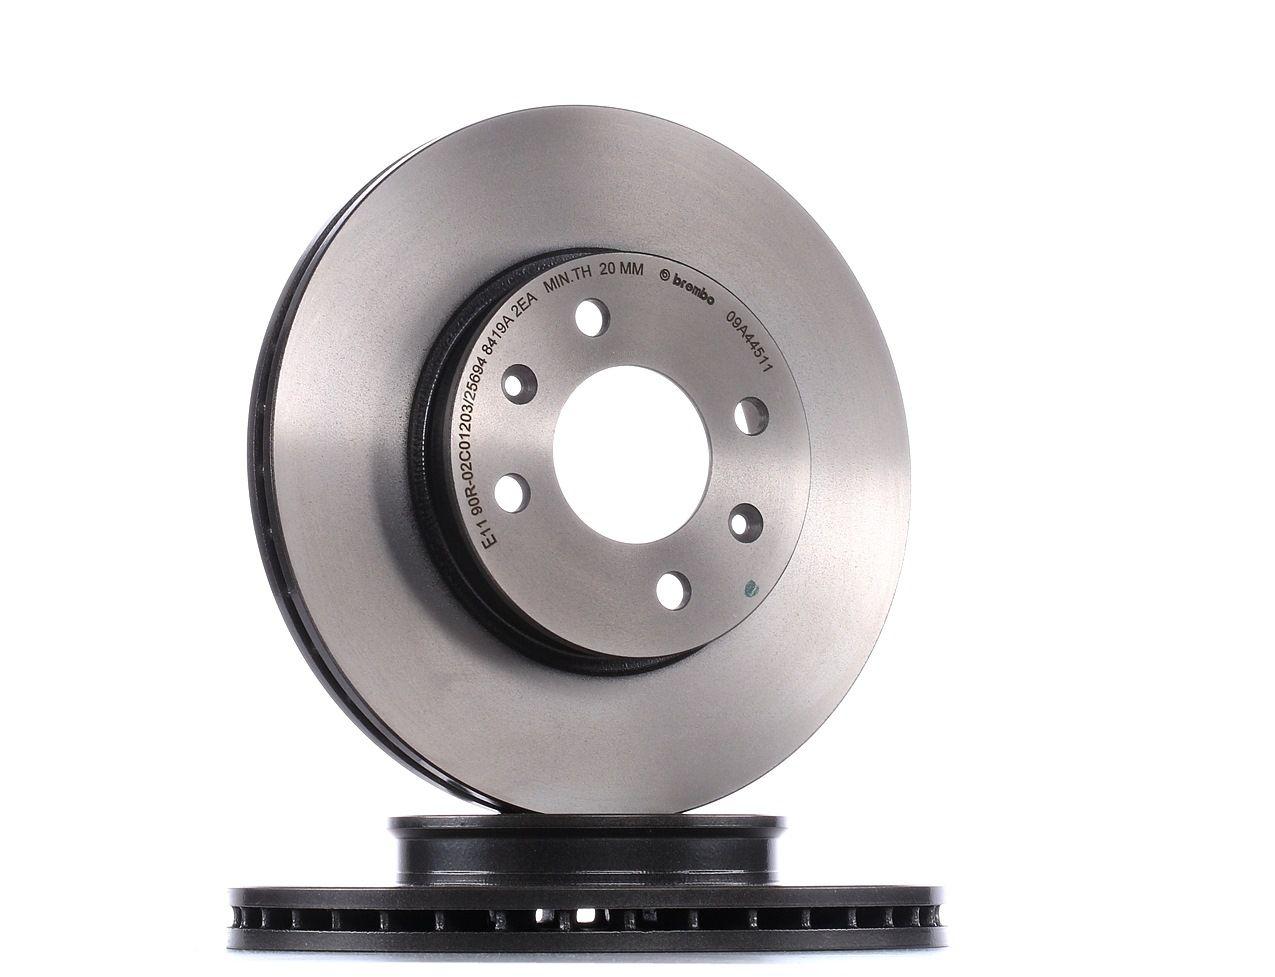 Comprare 09.A445.11 BREMBO COATED DISC LINE Autoventilato, rivestito, ad alto tenore di carbonio Ø: 256mm, N° fori: 4, Spessore disco freno: 22mm Disco freno 09.A445.11 poco costoso